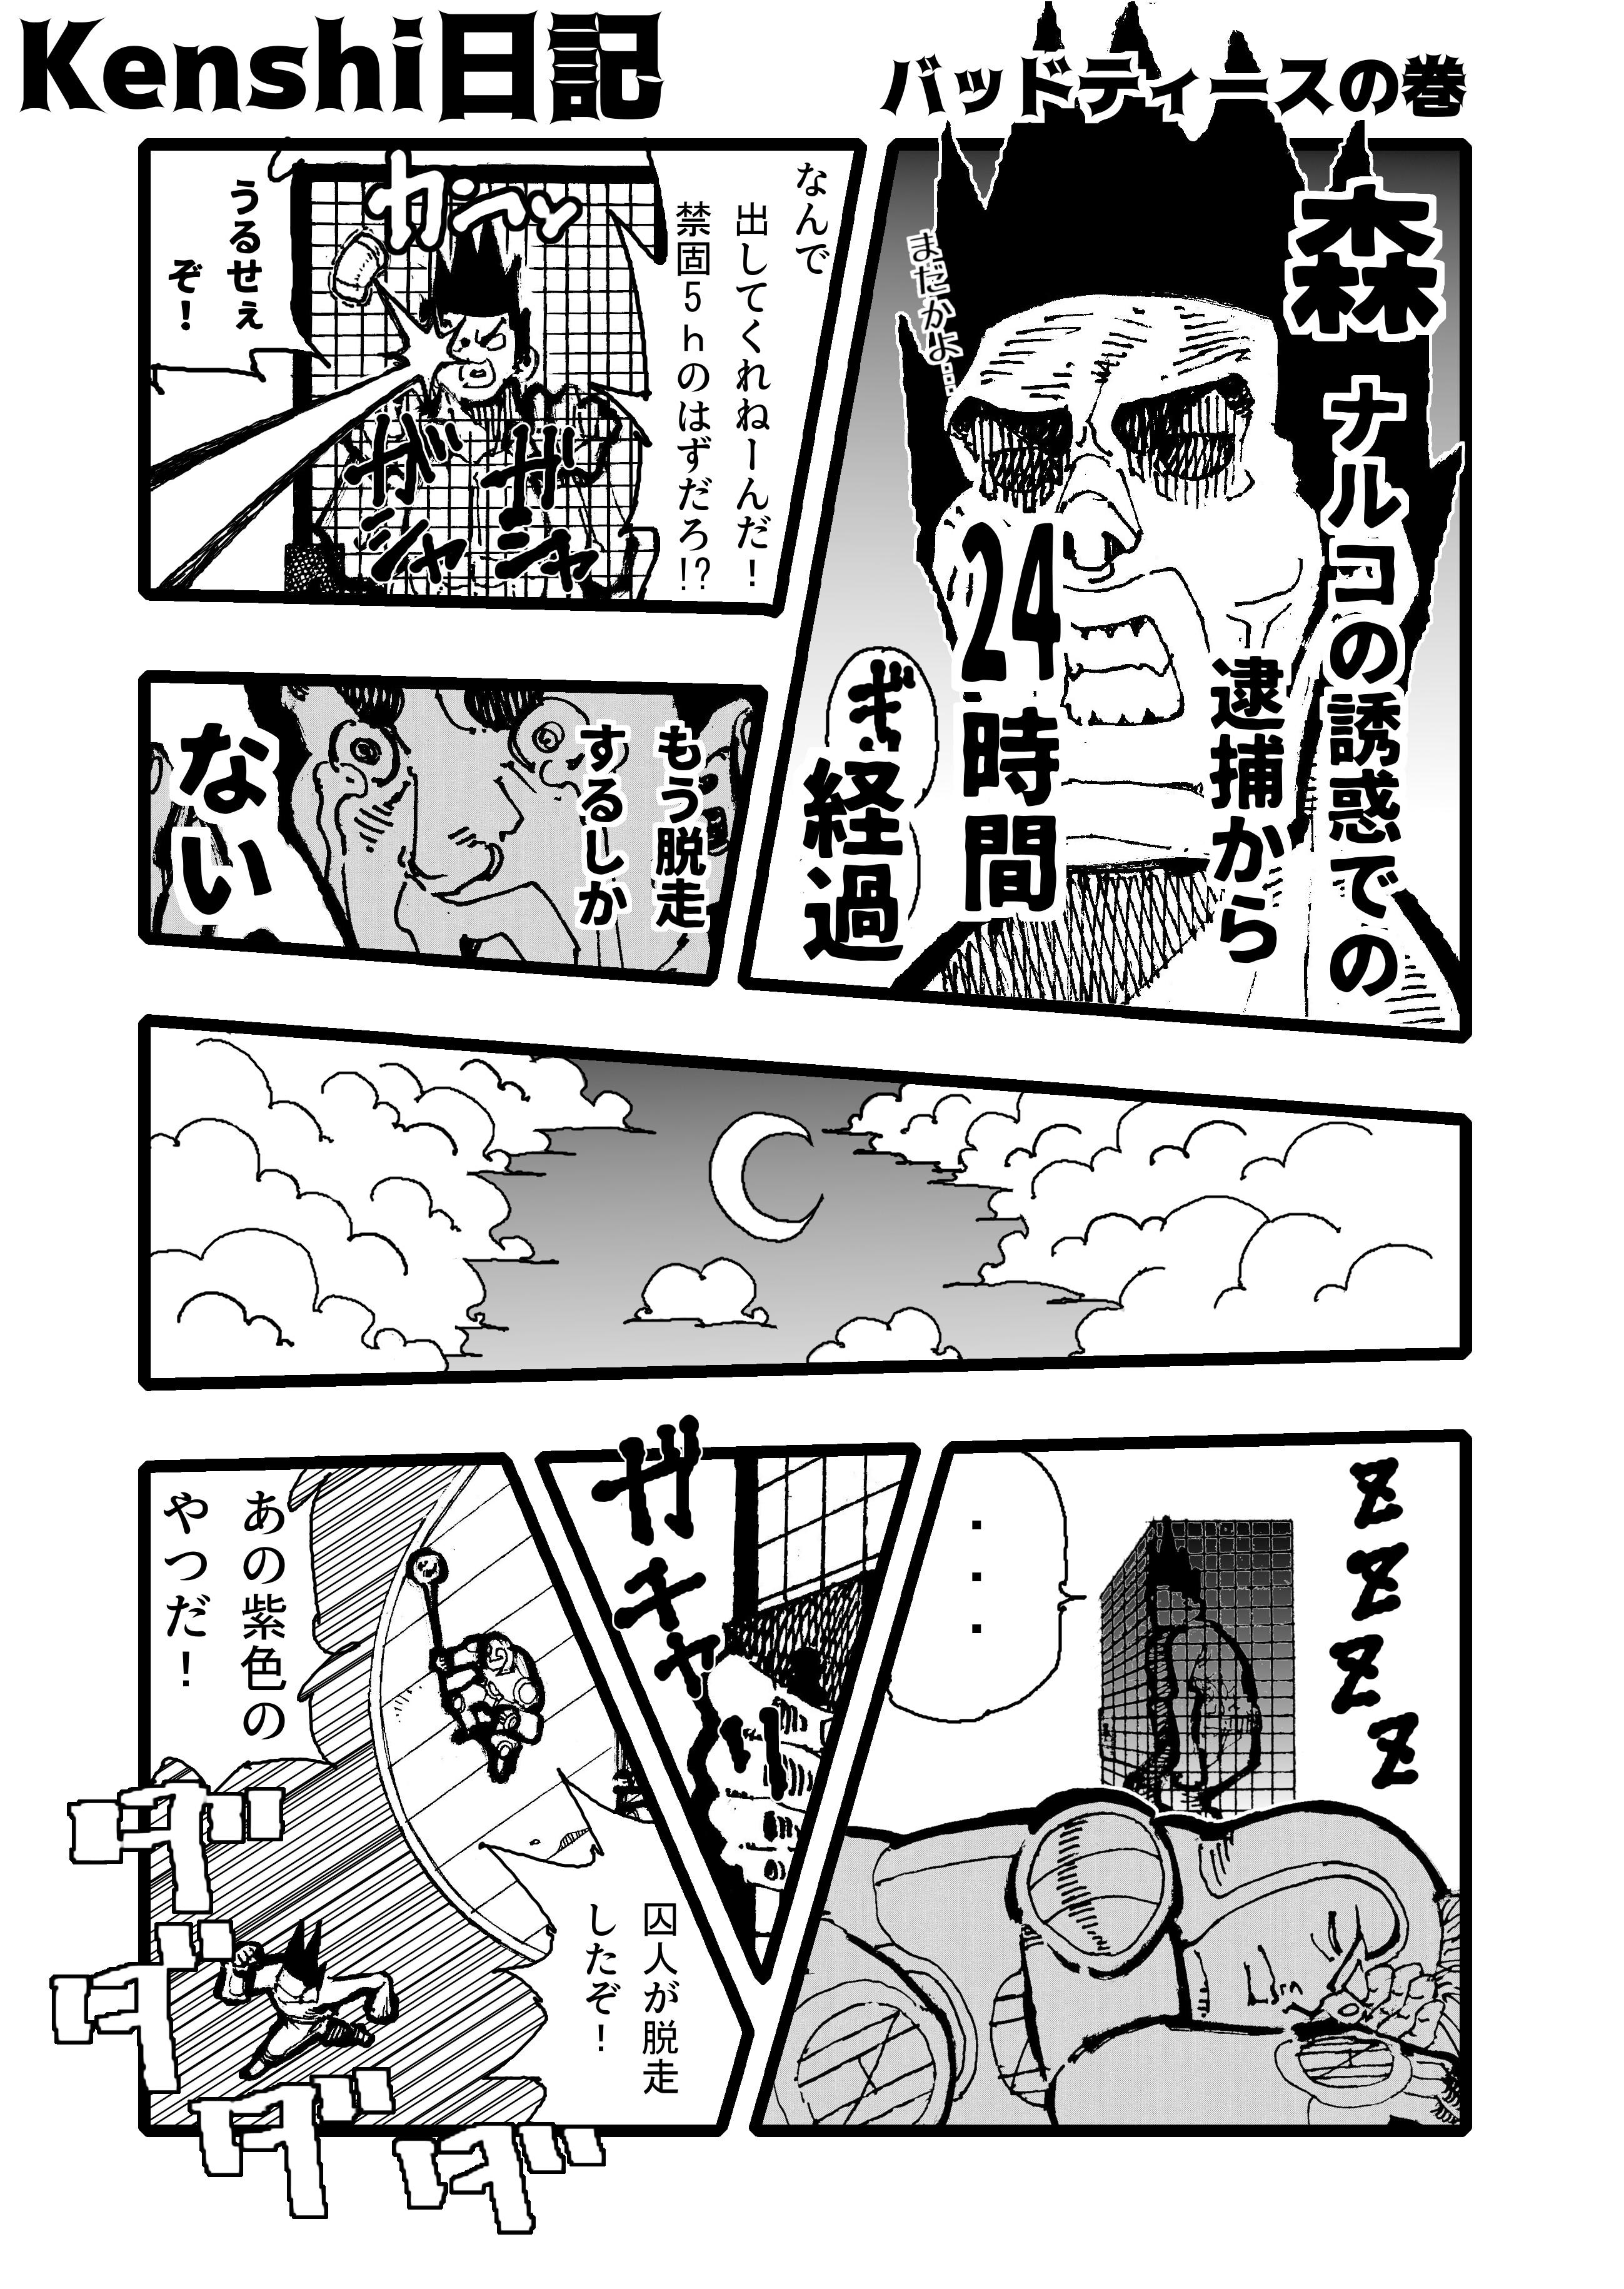 Kenshi日記28 バッドティースの巻